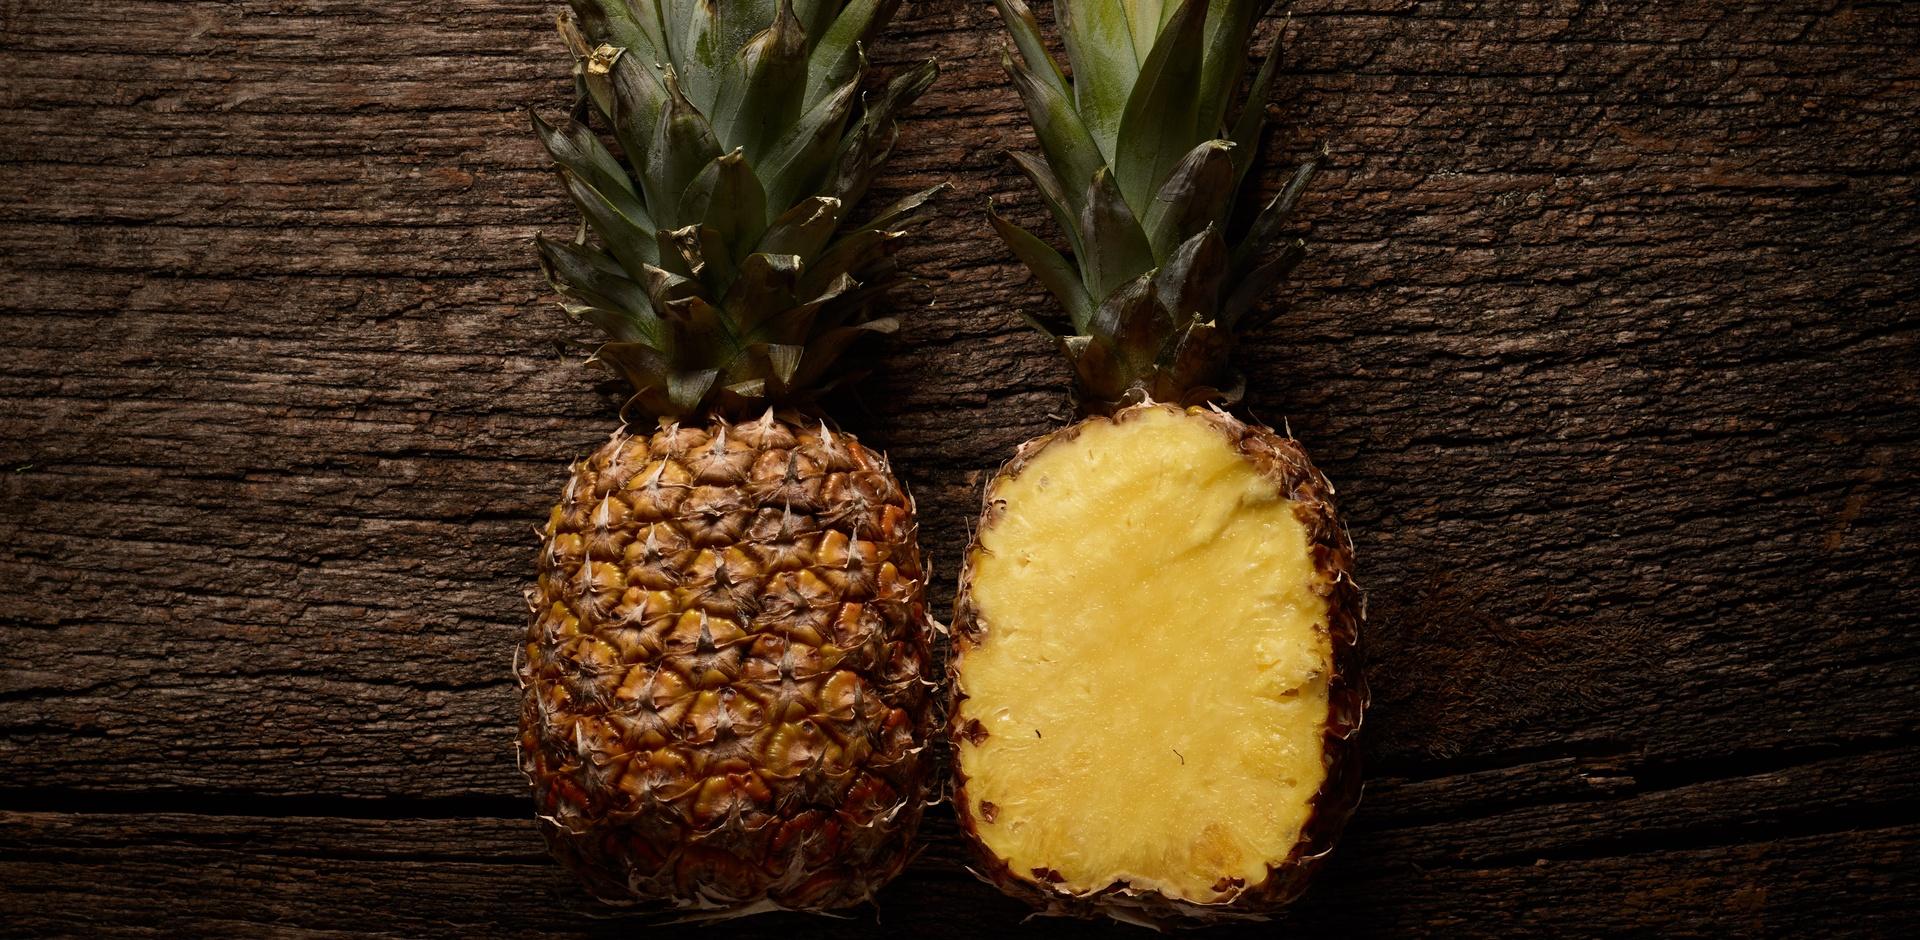 funktioniert die ananasdieat wirklich